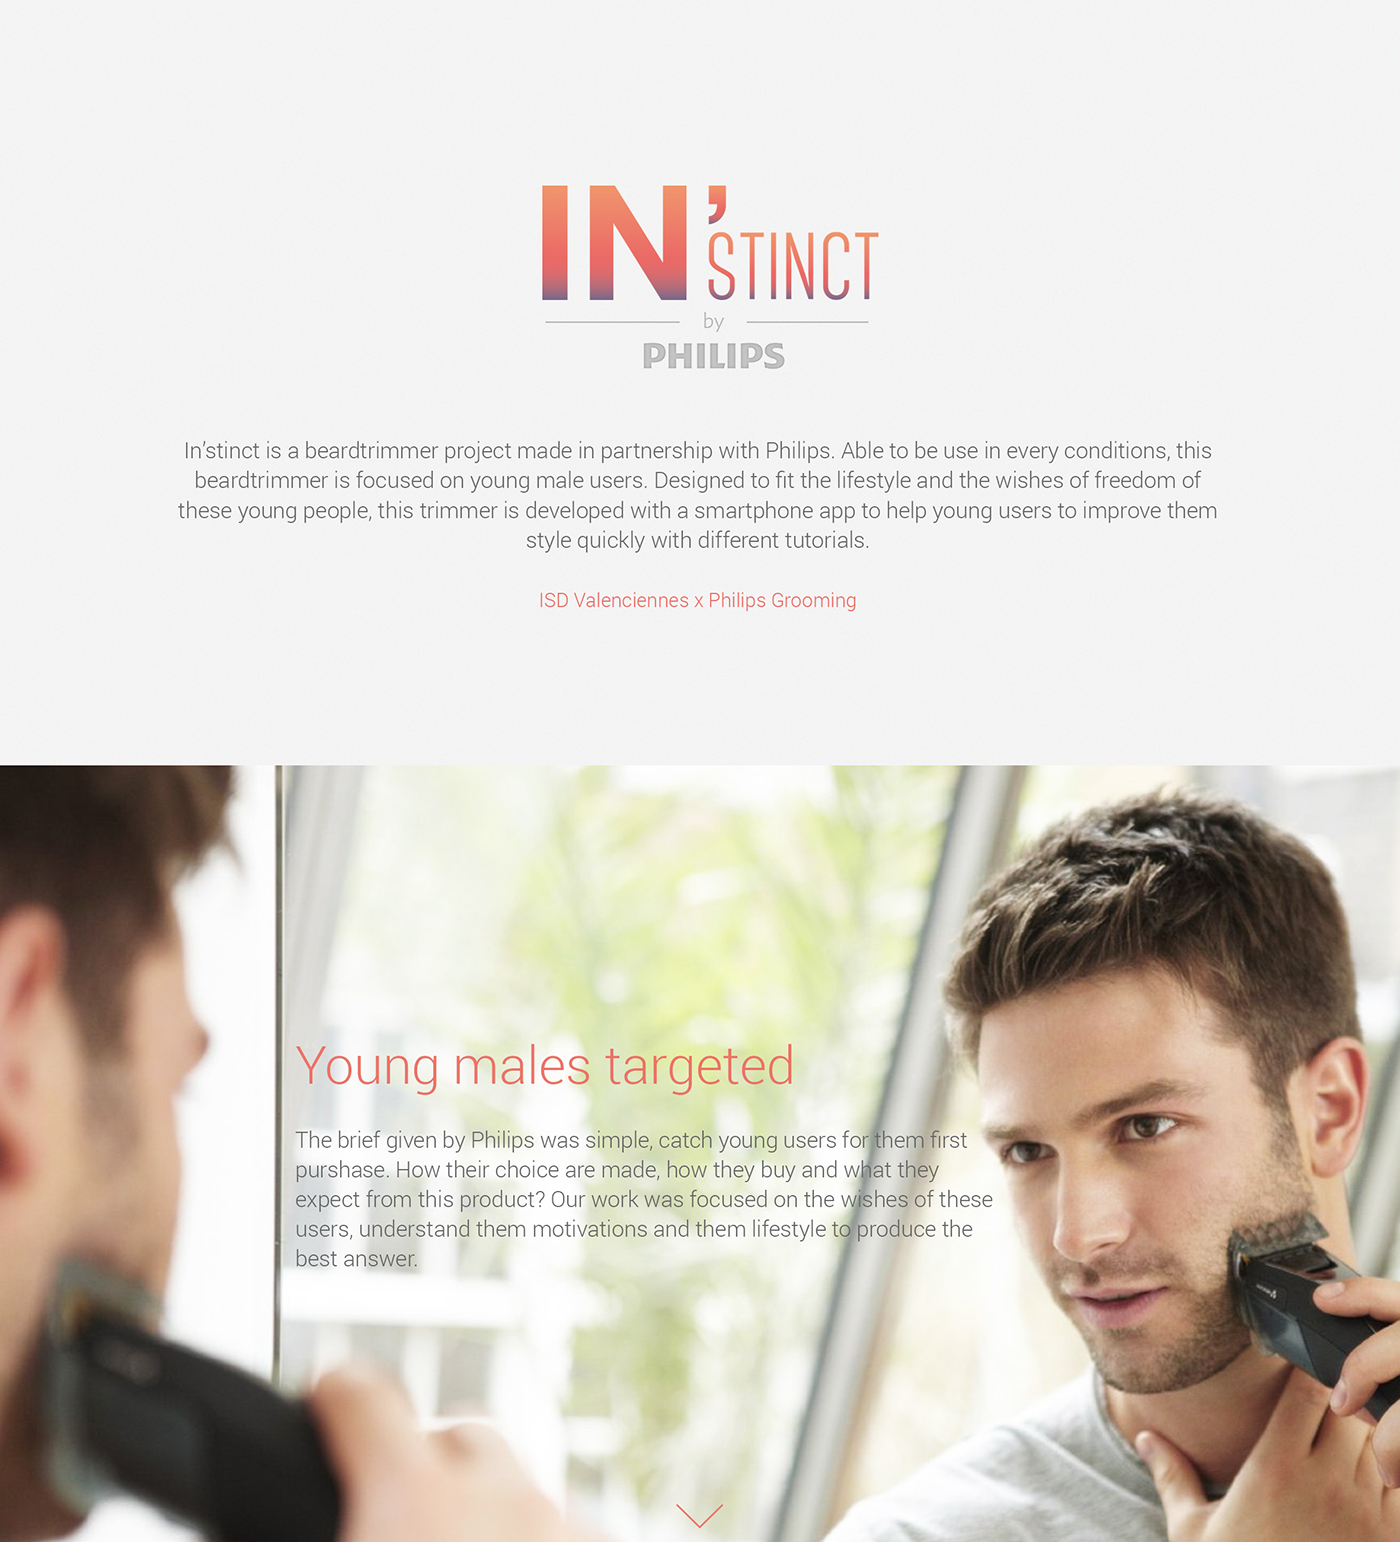 Trimmer,design,ISD,Philips,school,product,ux,UI,industrial,branding